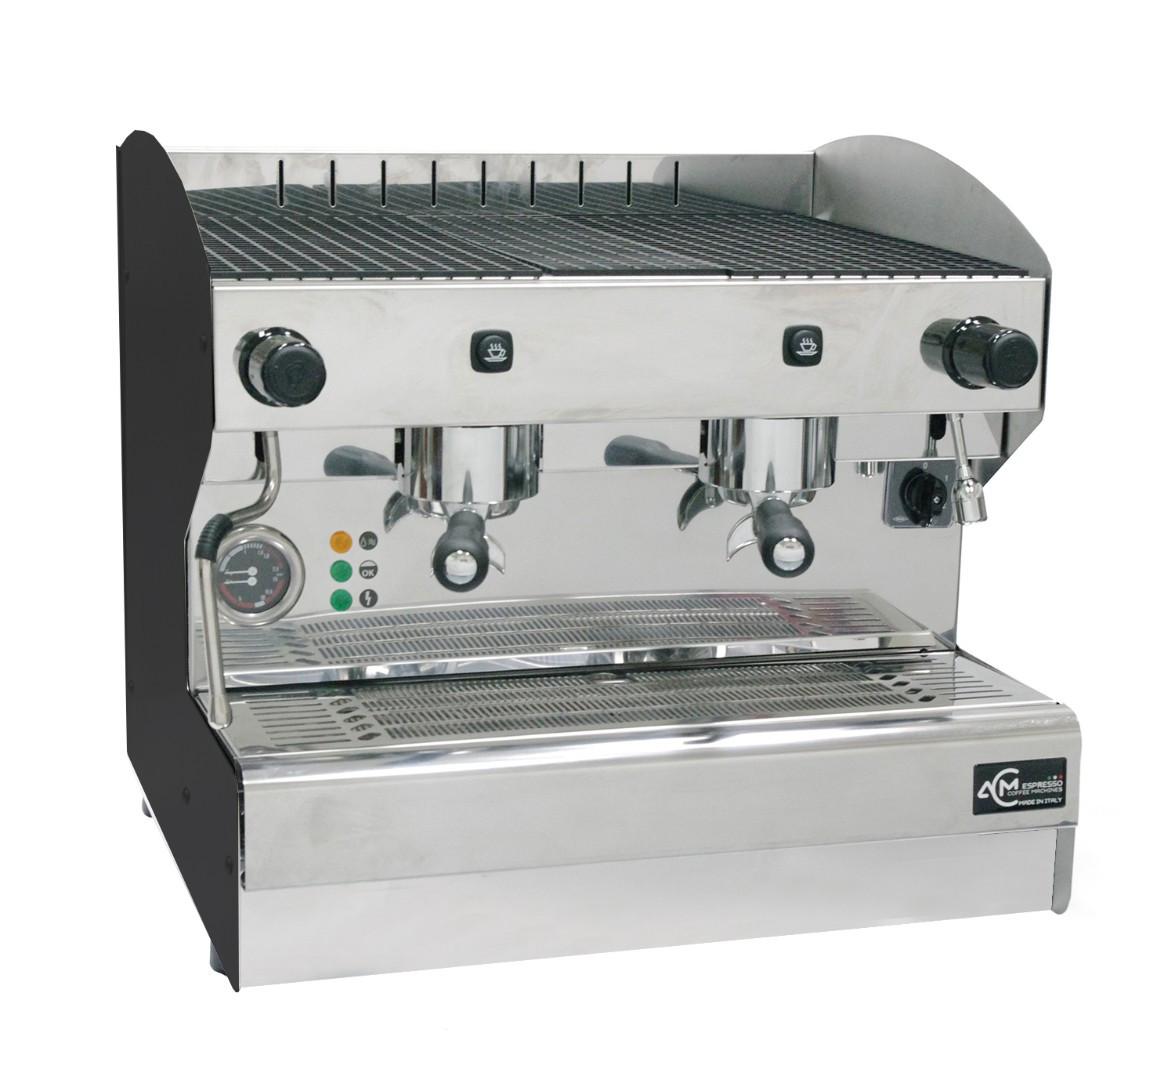 Кофемашина полуавтоматическая с 2 группами ACM Srl Rounder 2 GR Compatta NERO (ACMRD002CSN)